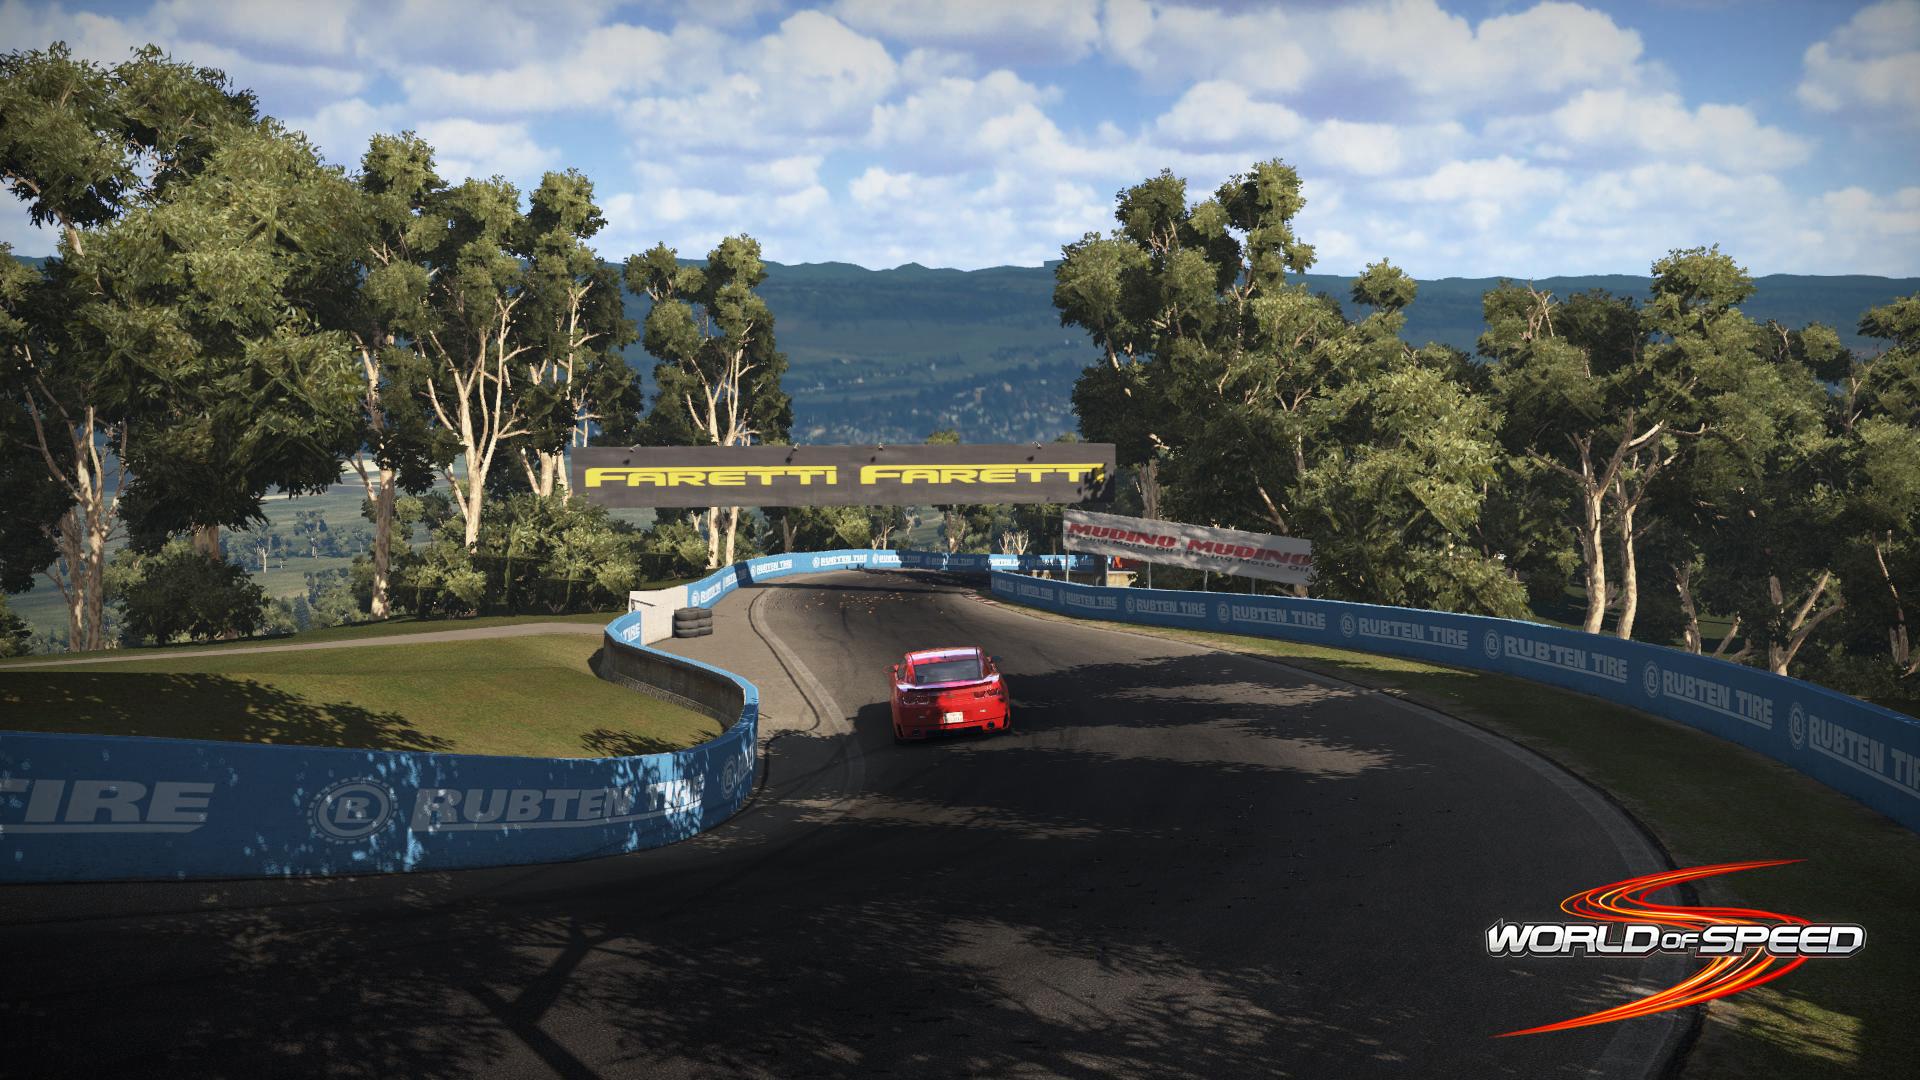 Ngắm trường đua Bathurst trong World of Speed - Ảnh 4